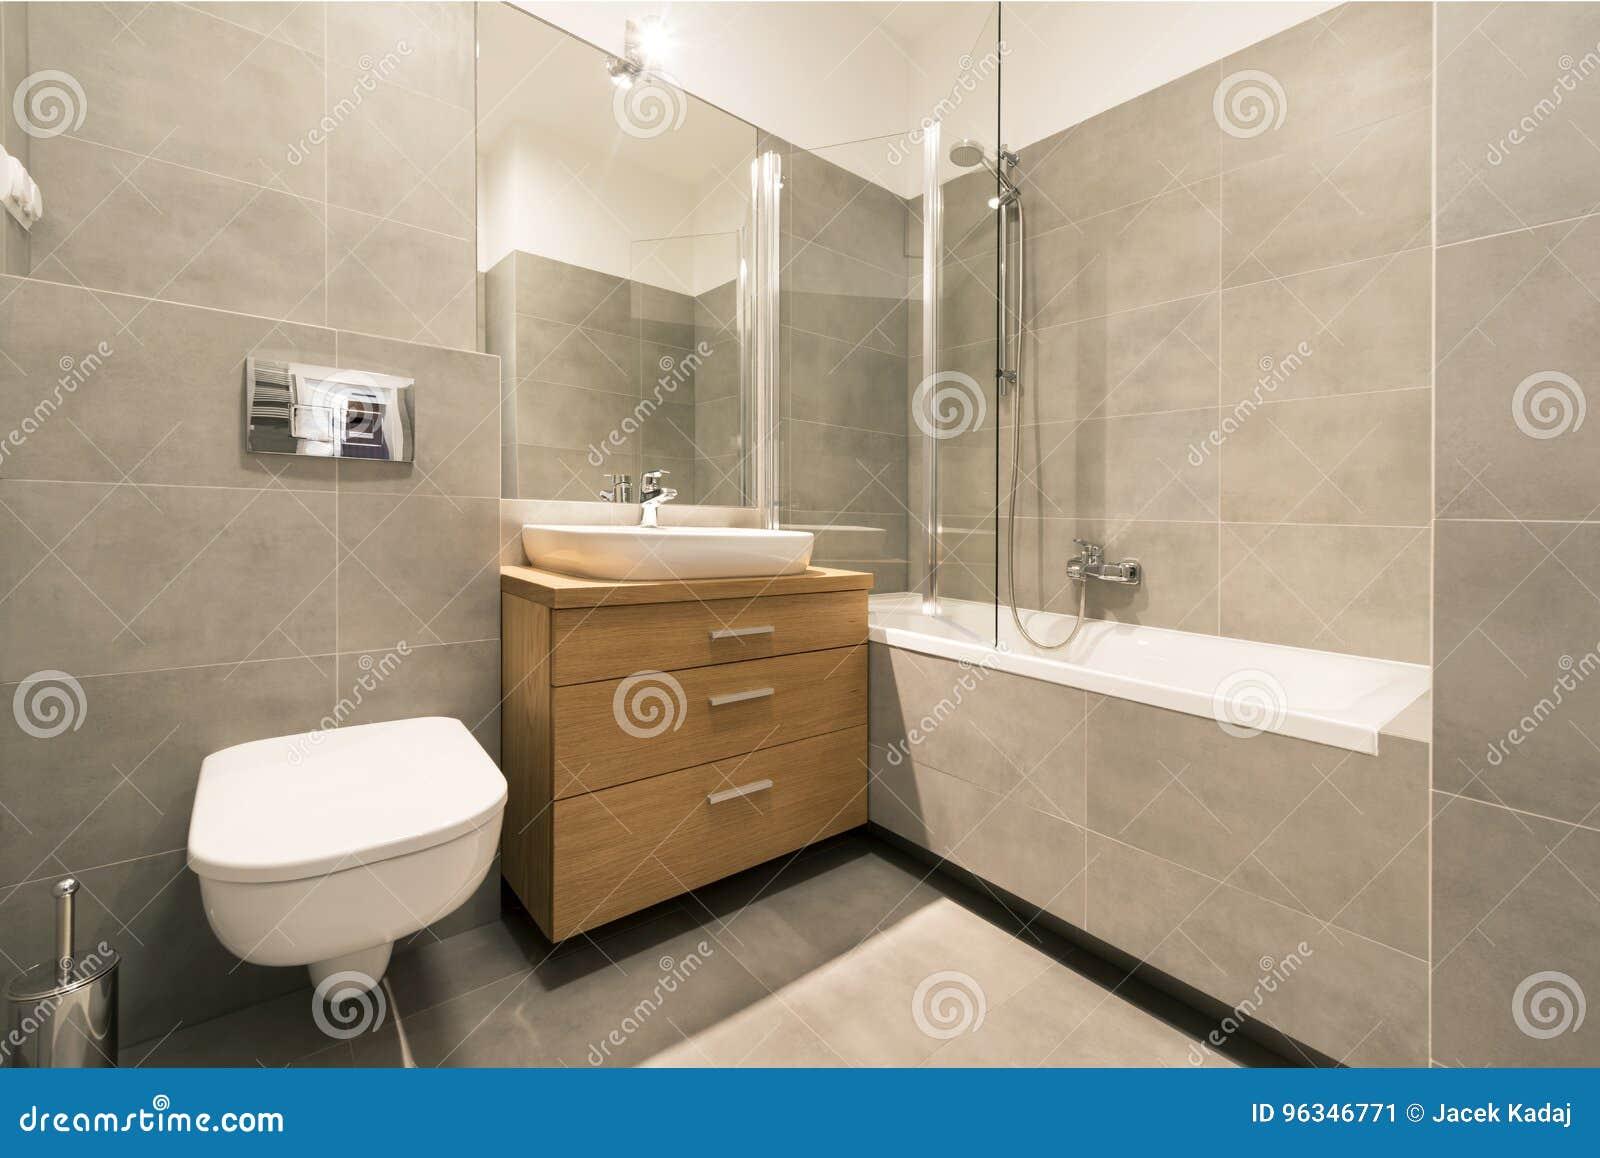 Modernes Badezimmer Mit Fliesen Auf Dem Boden Stockbild ...